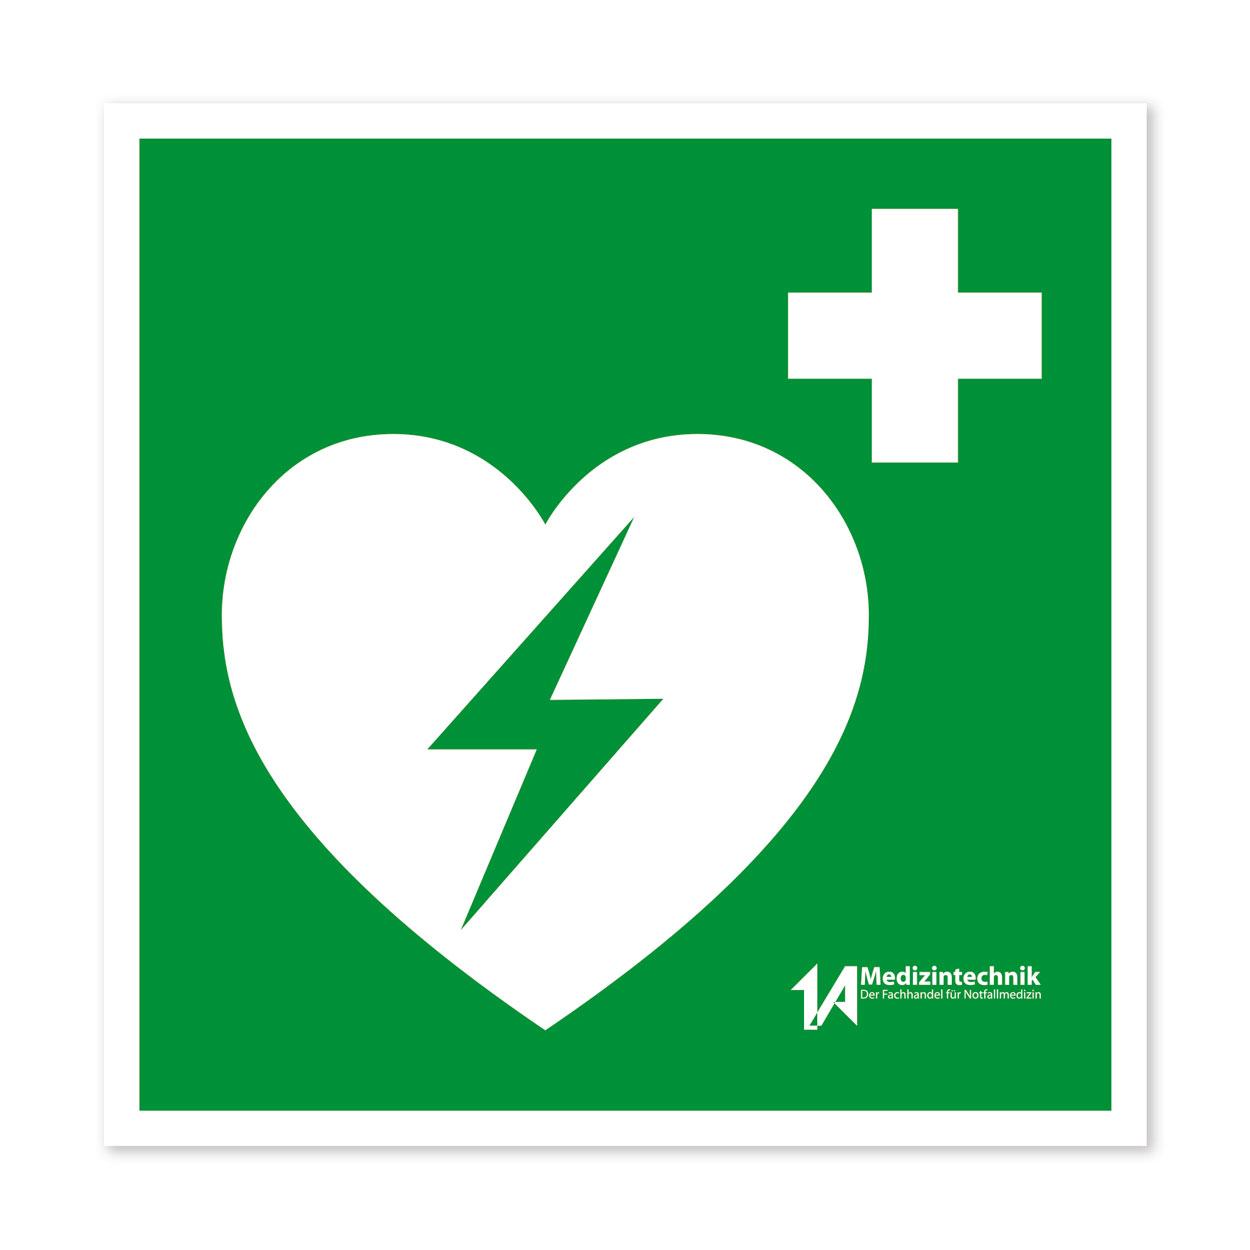 Aufkleber zur Markierung eines AED, 12x12 cm